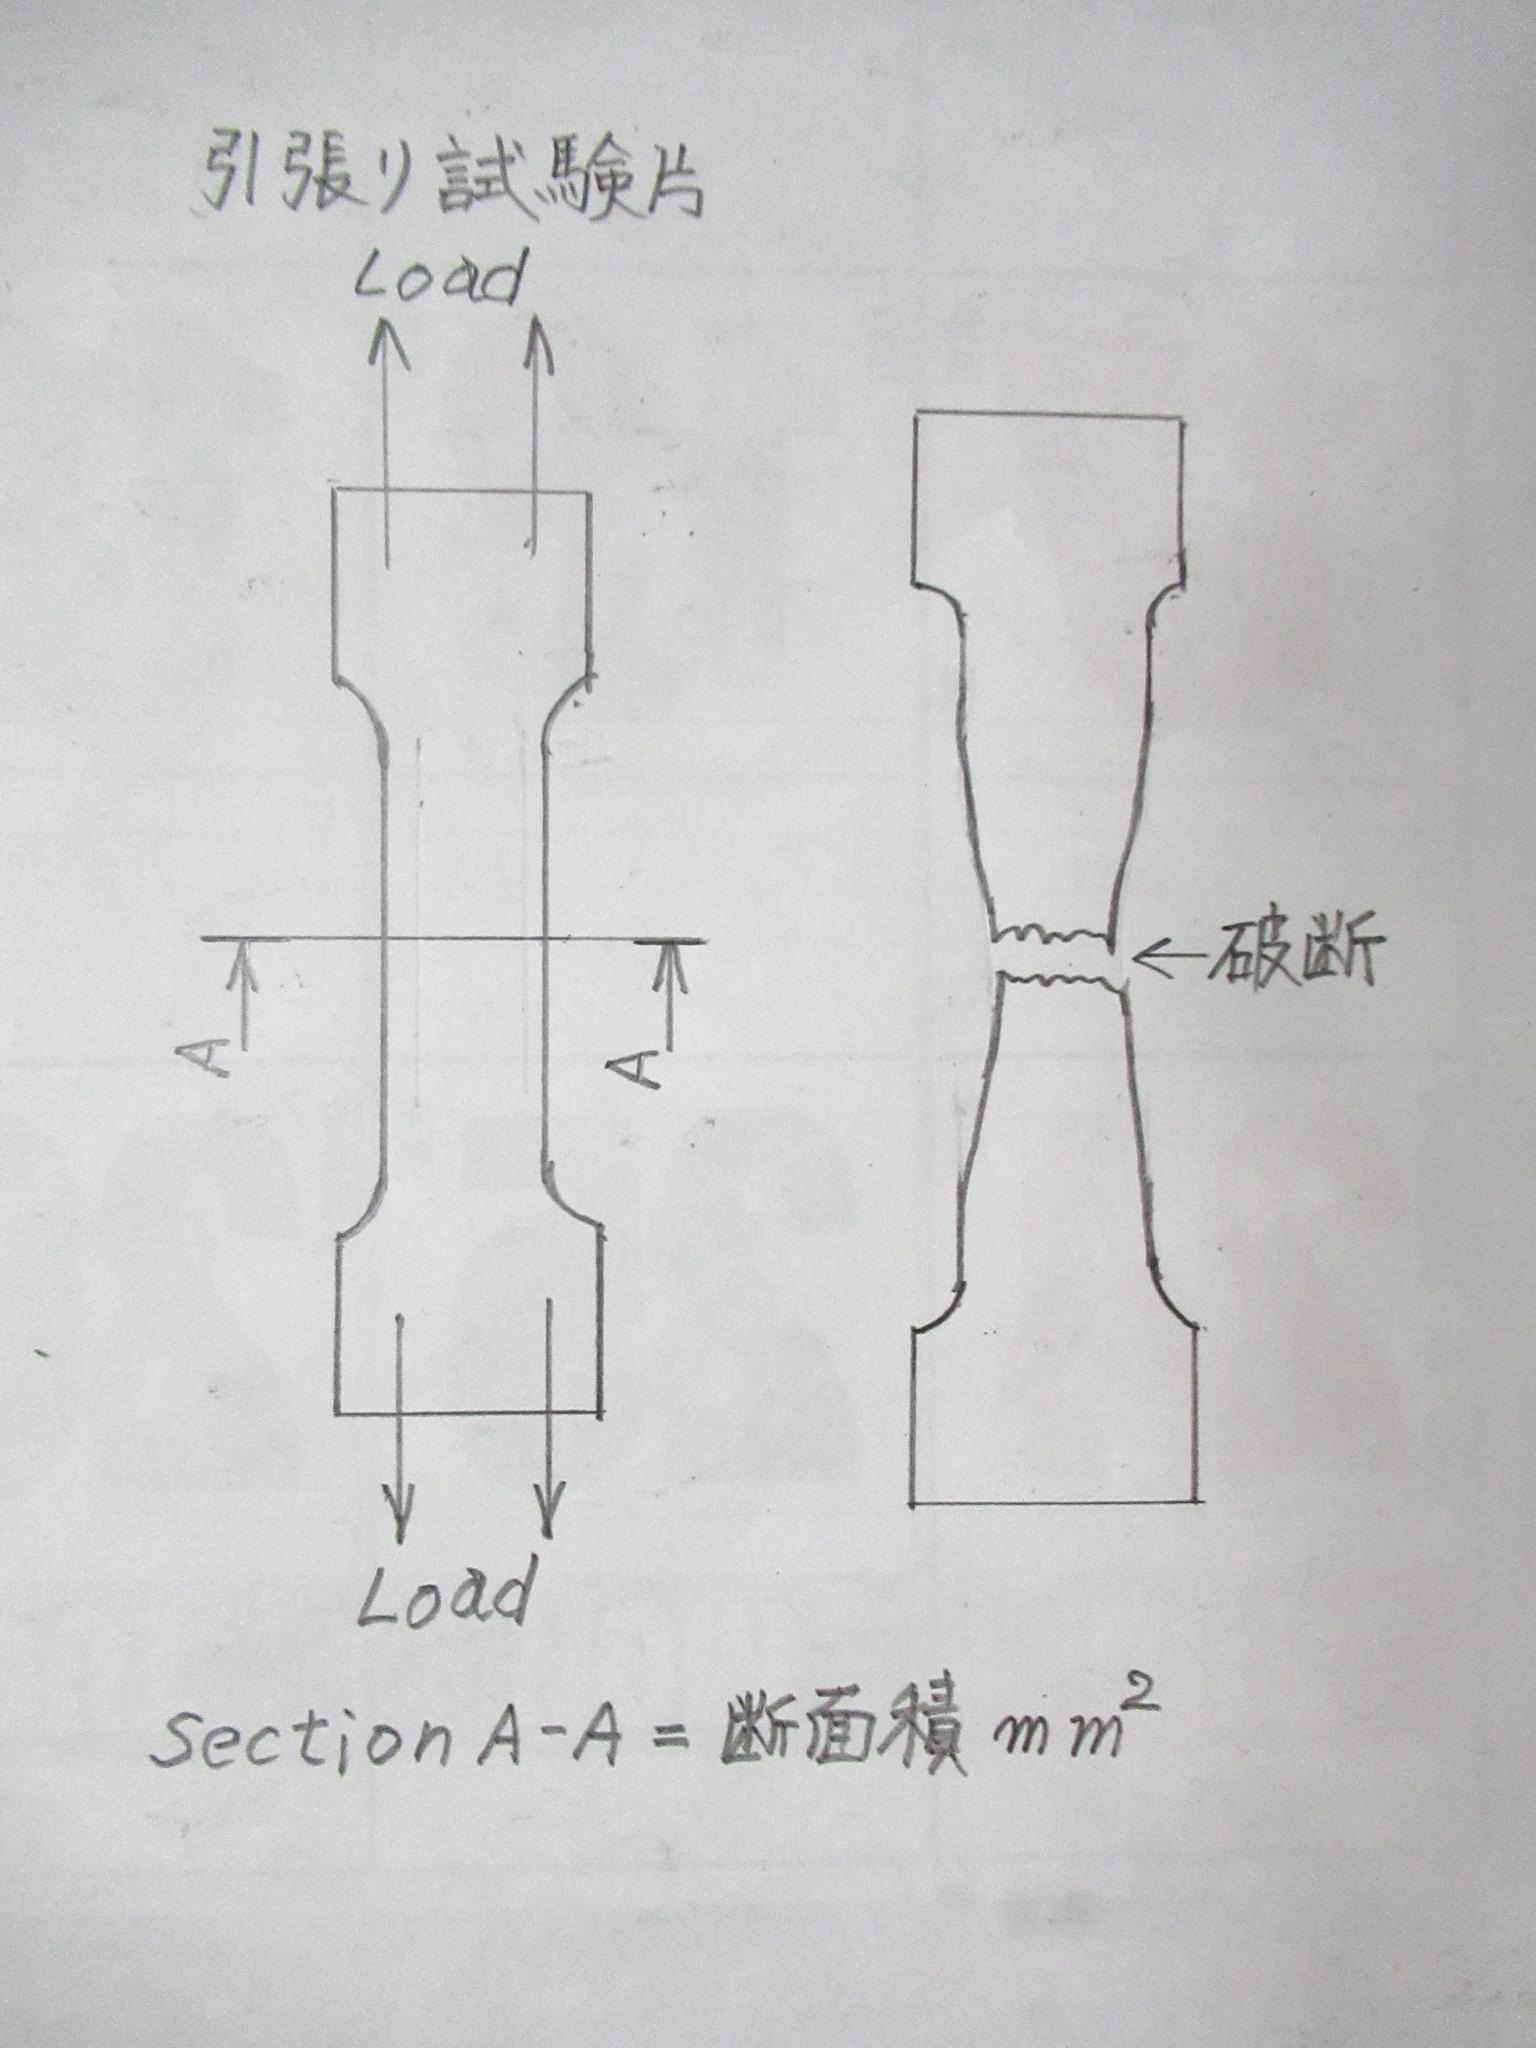 http://www.precious-factory.com/preciousfactory2010/IMG_1205.JPG